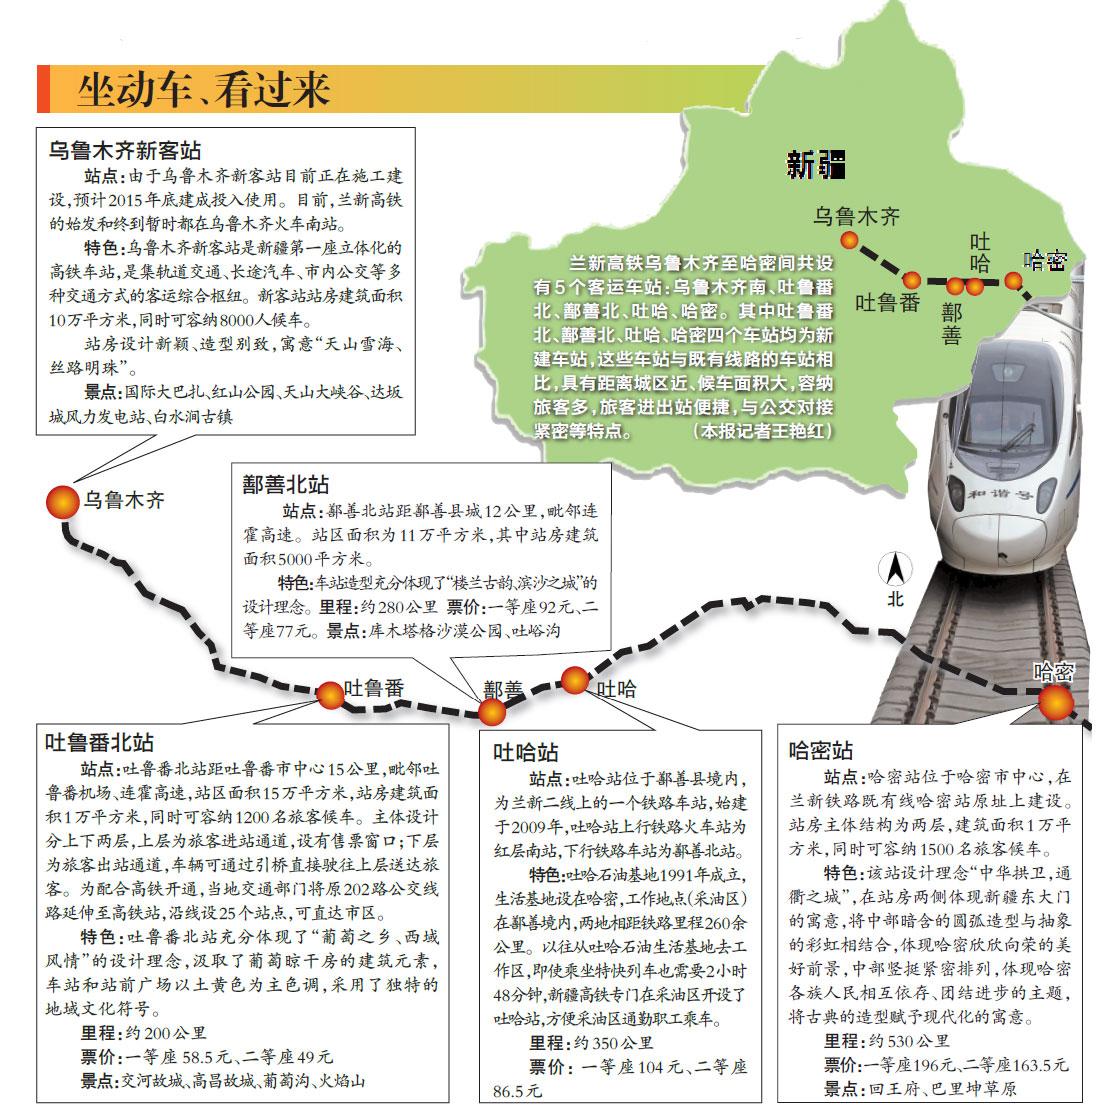 兰新高铁乌鲁木齐南至哈密段16日开通运营